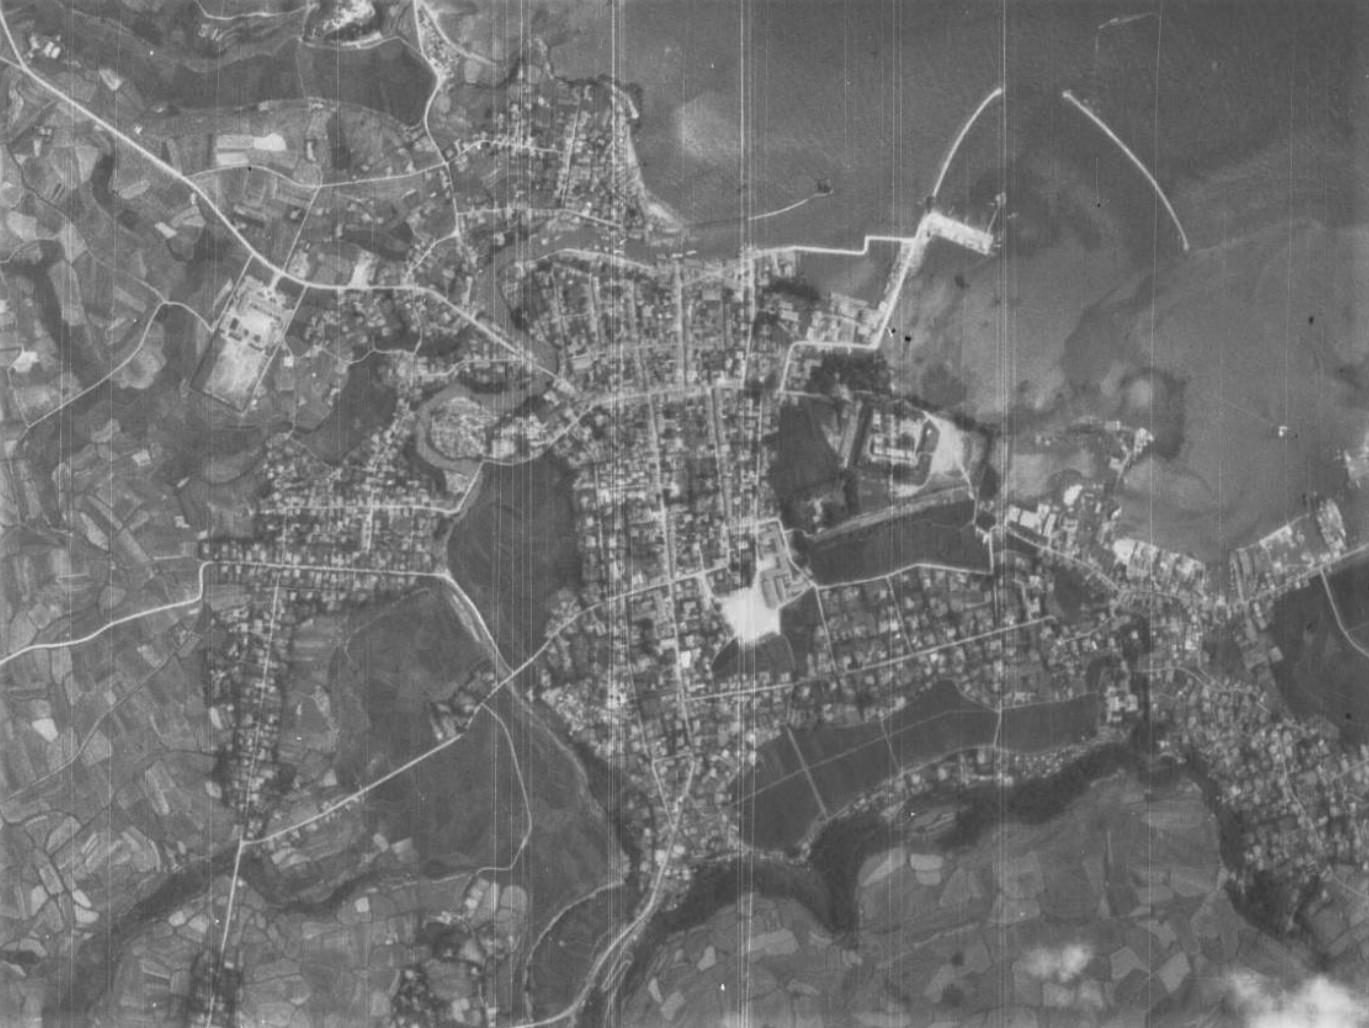 福江市街地、昭和22年撮影空中写真(国土地理院Webサイトより、USA-M415-2-83〔部分〕) の画像。